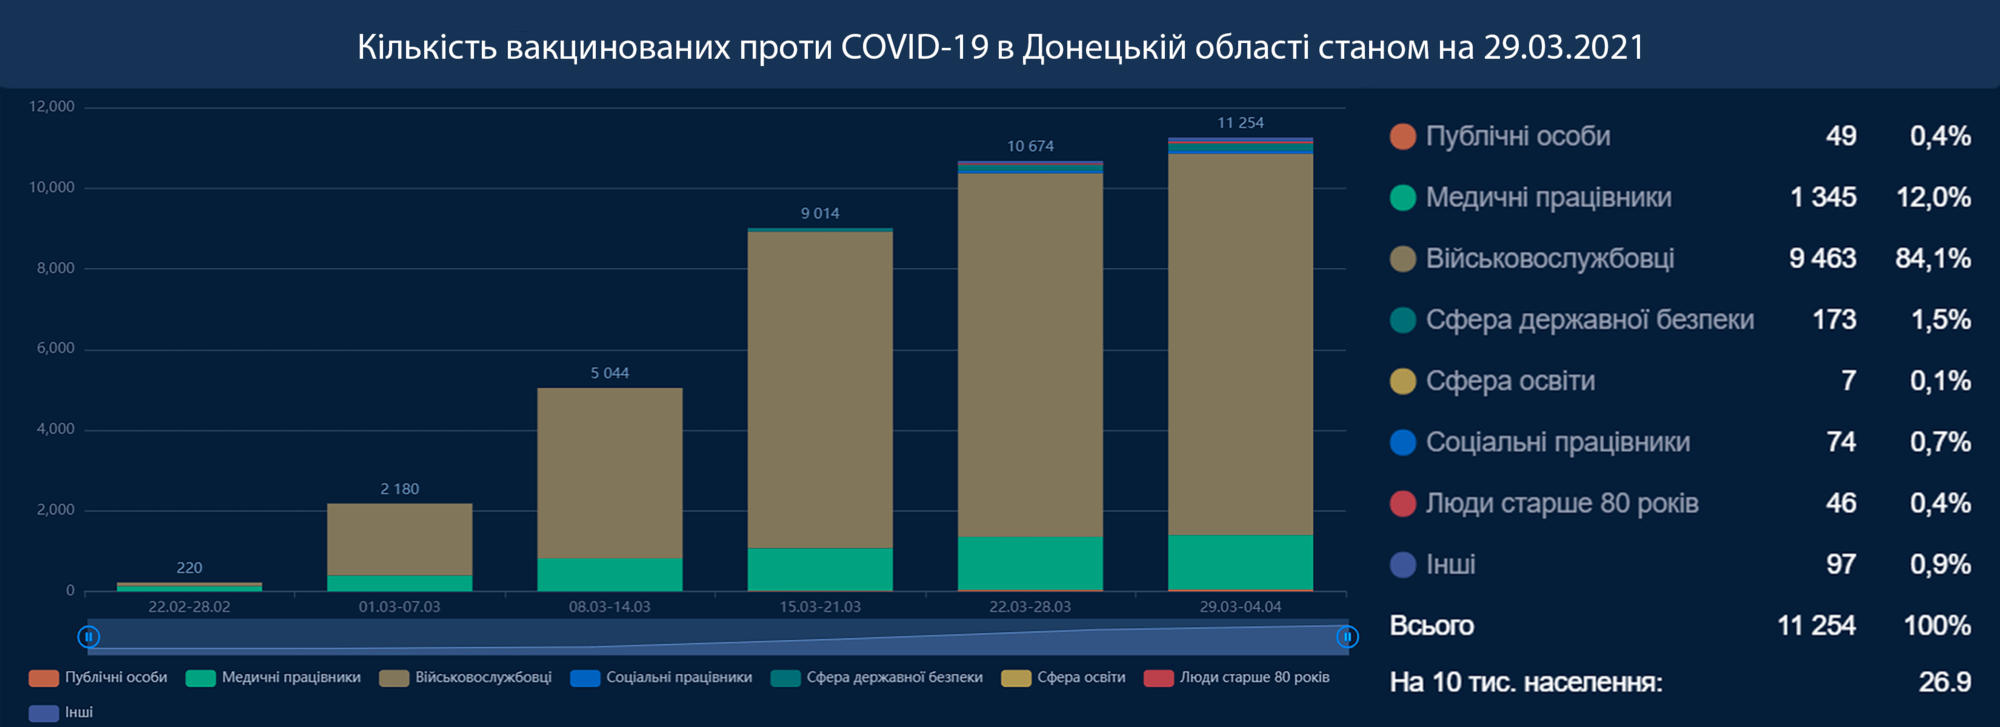 В Донецкой области вакцинировались от COVID-19 меньше всего медиков — не более 1300